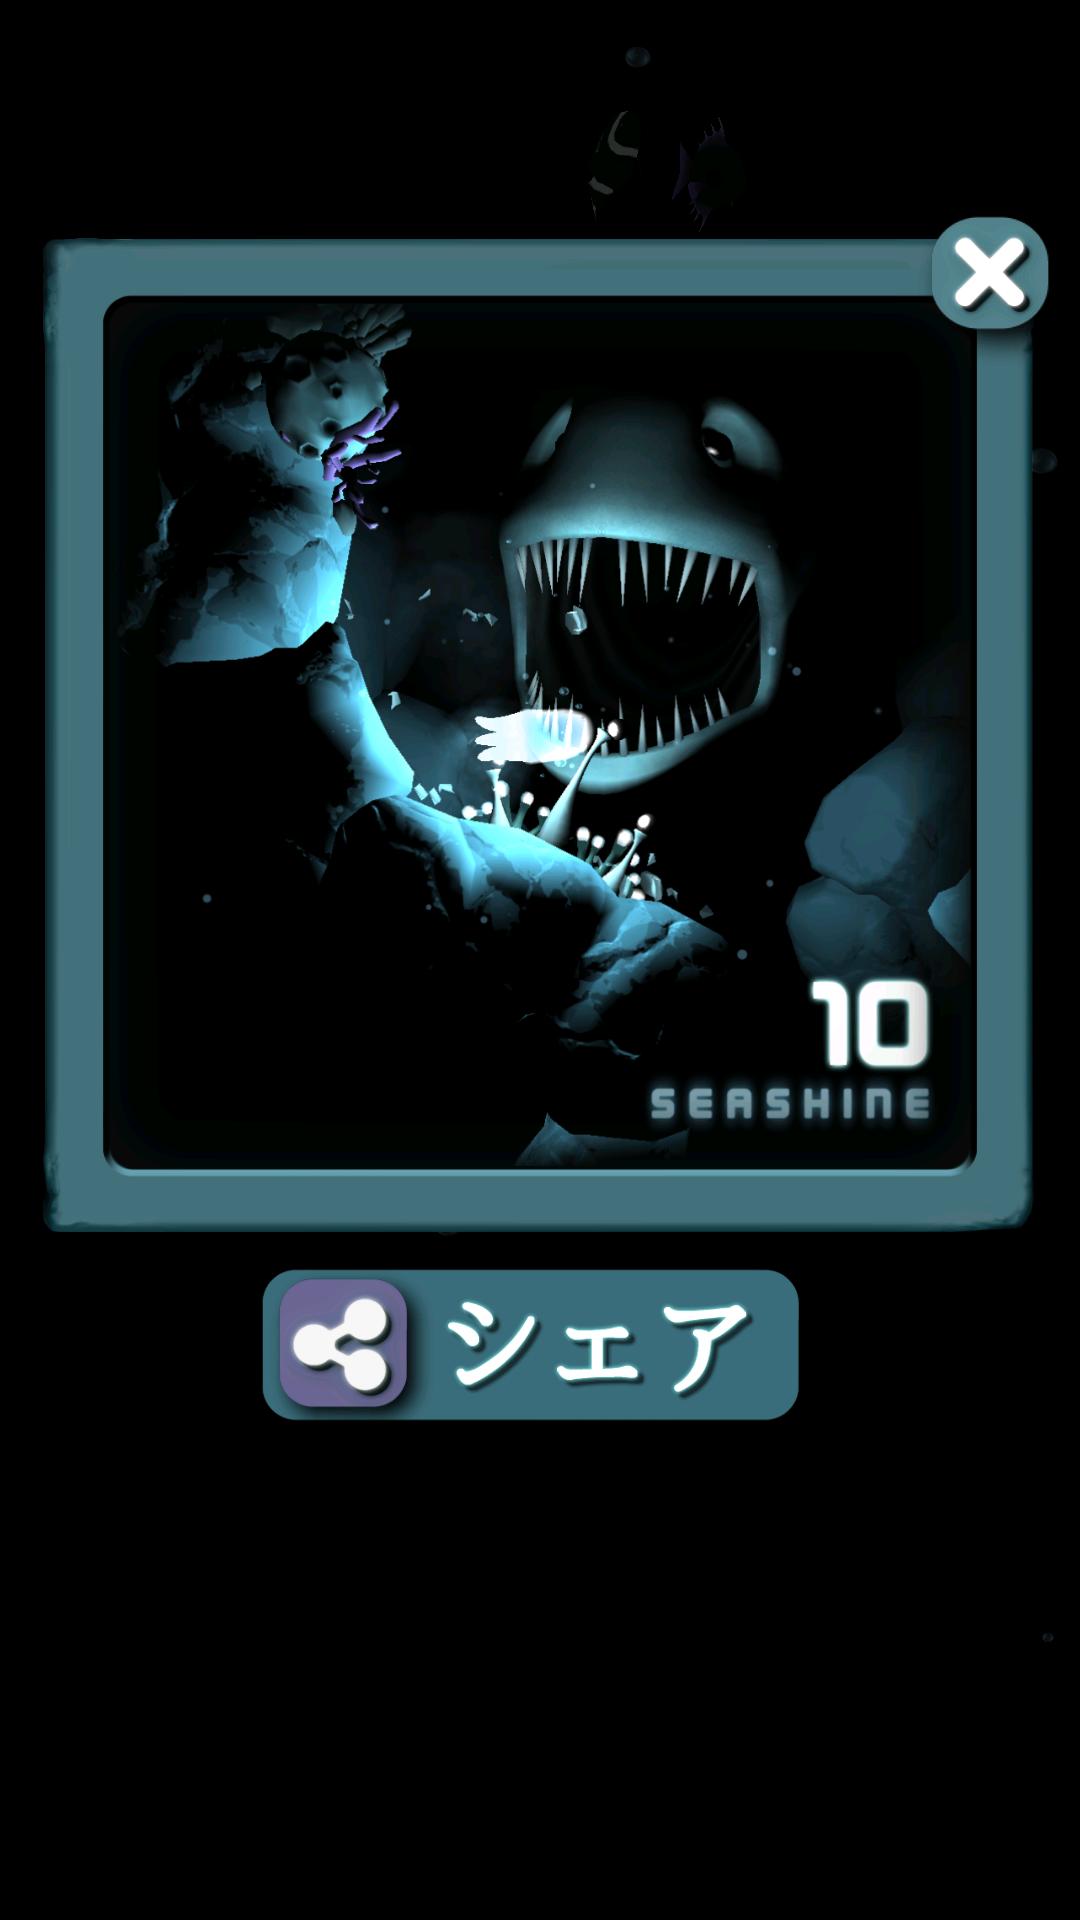 androidアプリ Seashine攻略スクリーンショット5